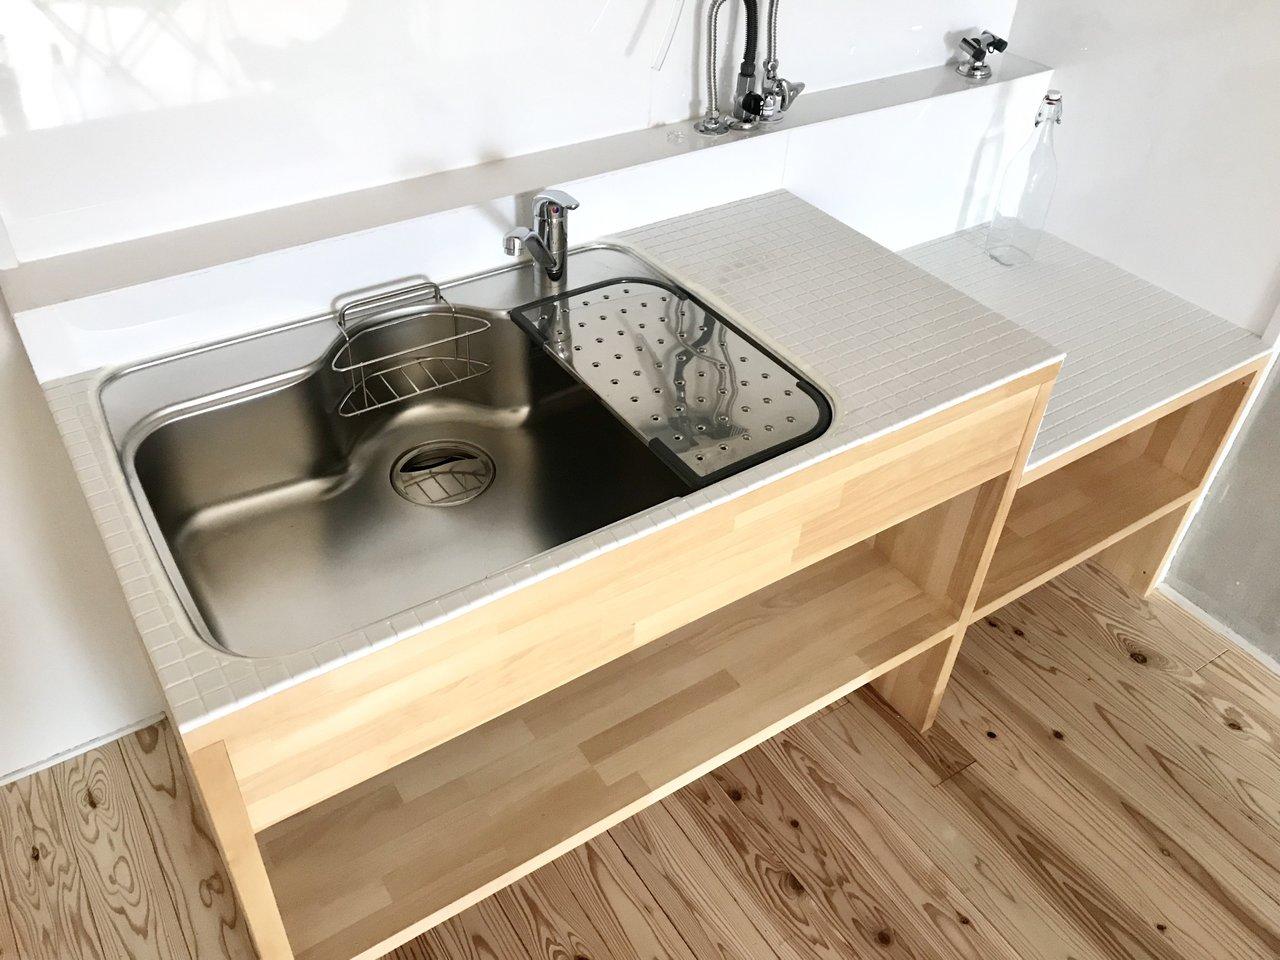 キッチンは白タイルでした。ざっくりとした雰囲気ですが、良い素材が惜しみ無く使われています。